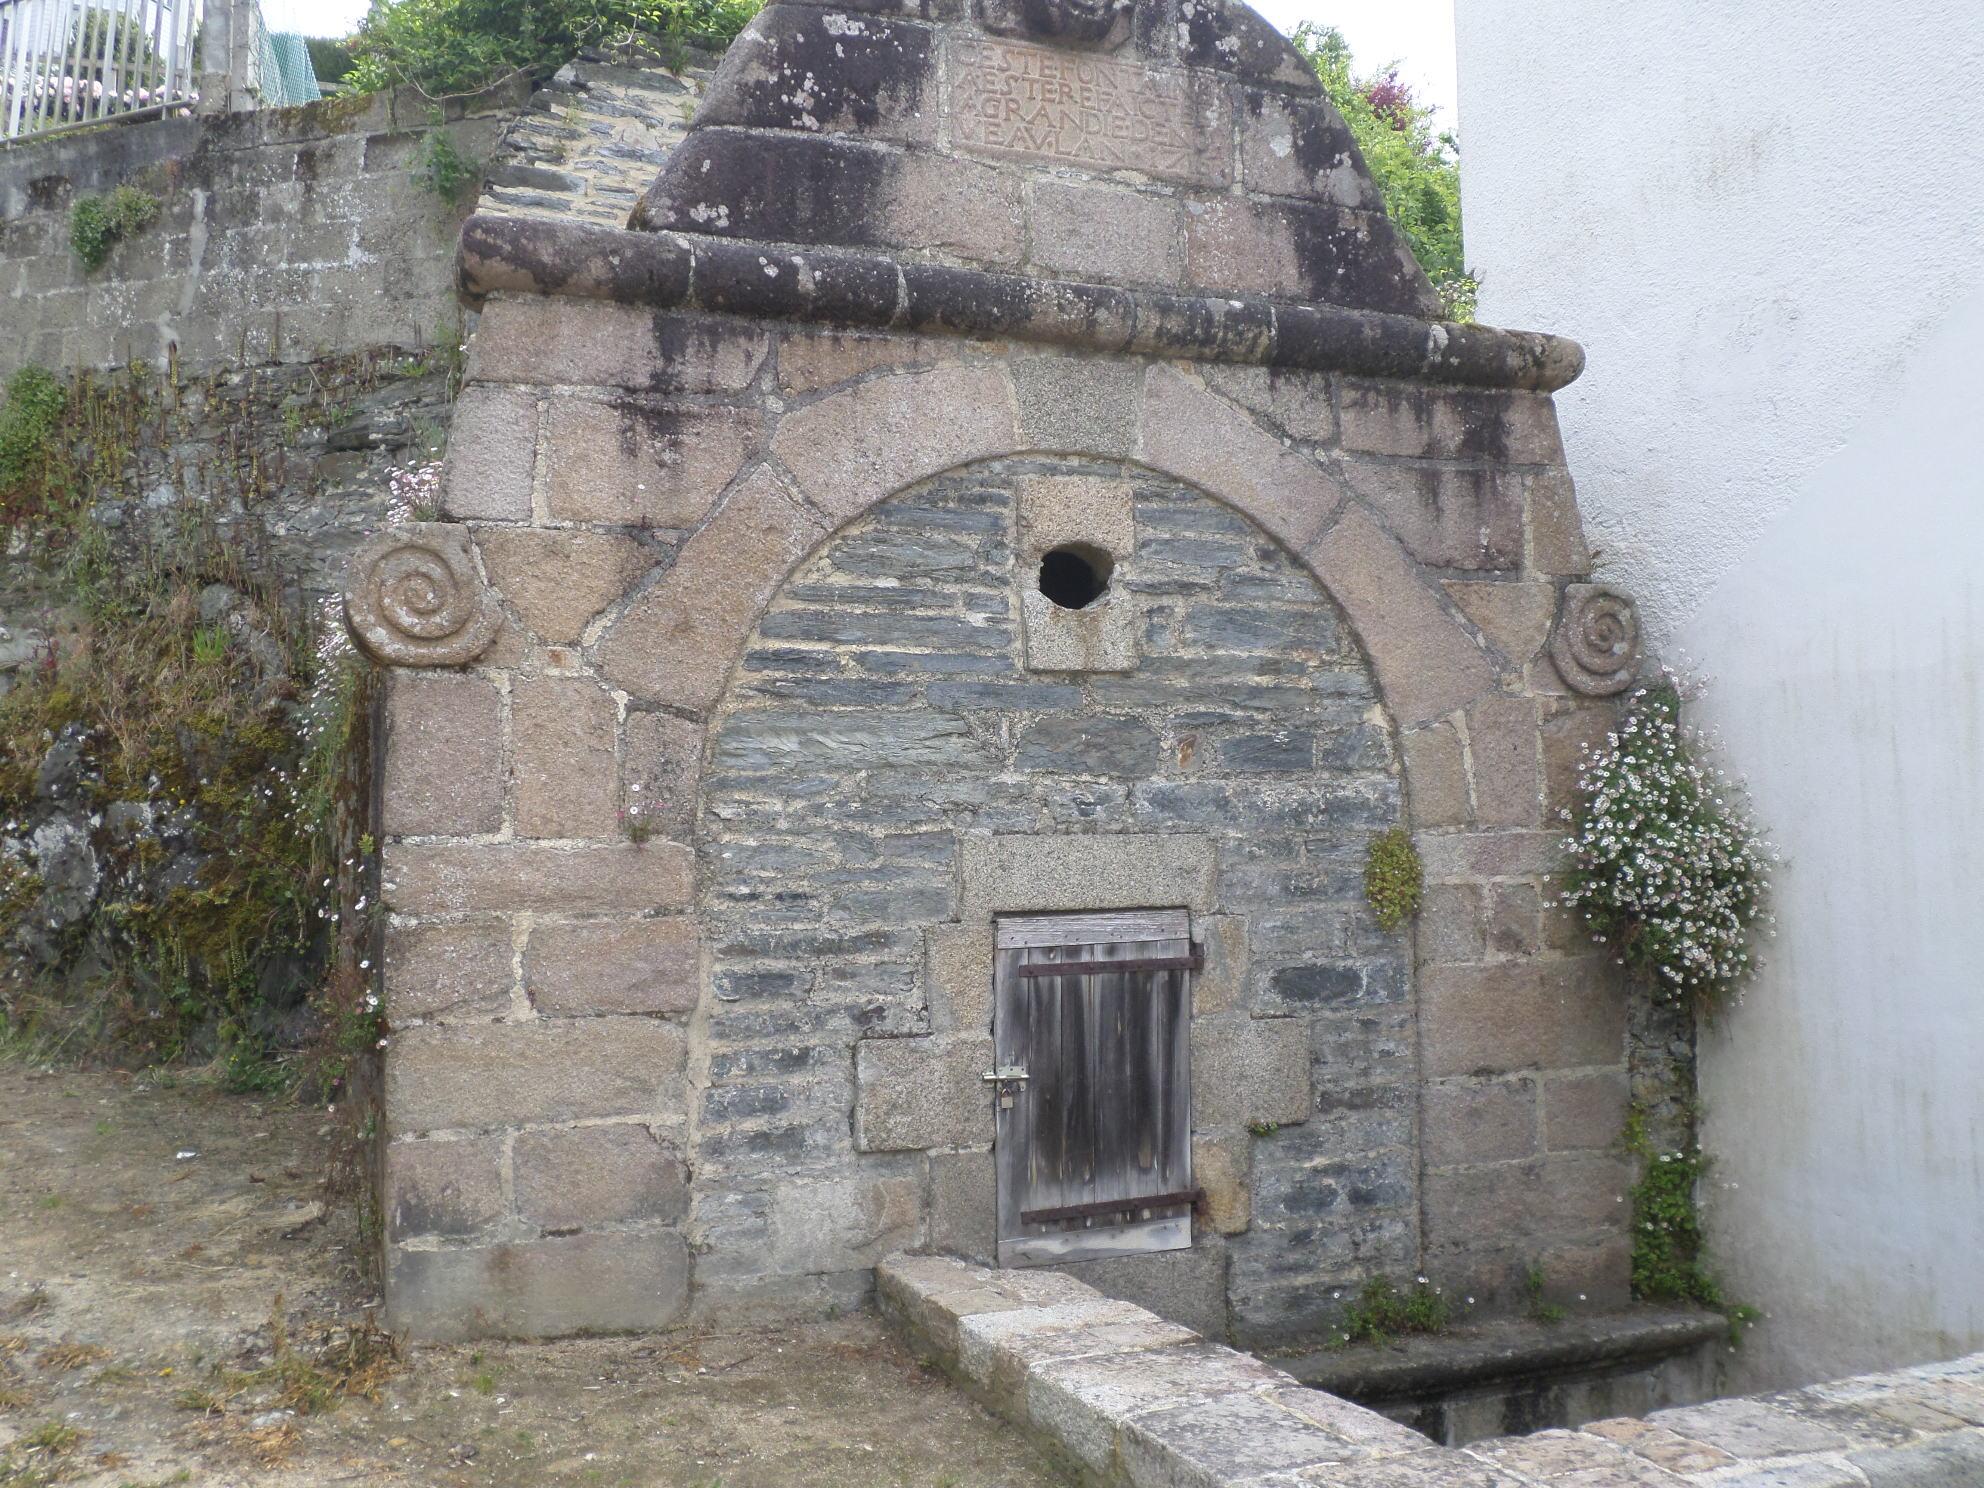 Morlaix fontaine des anglais quai treguier facing tabac may15